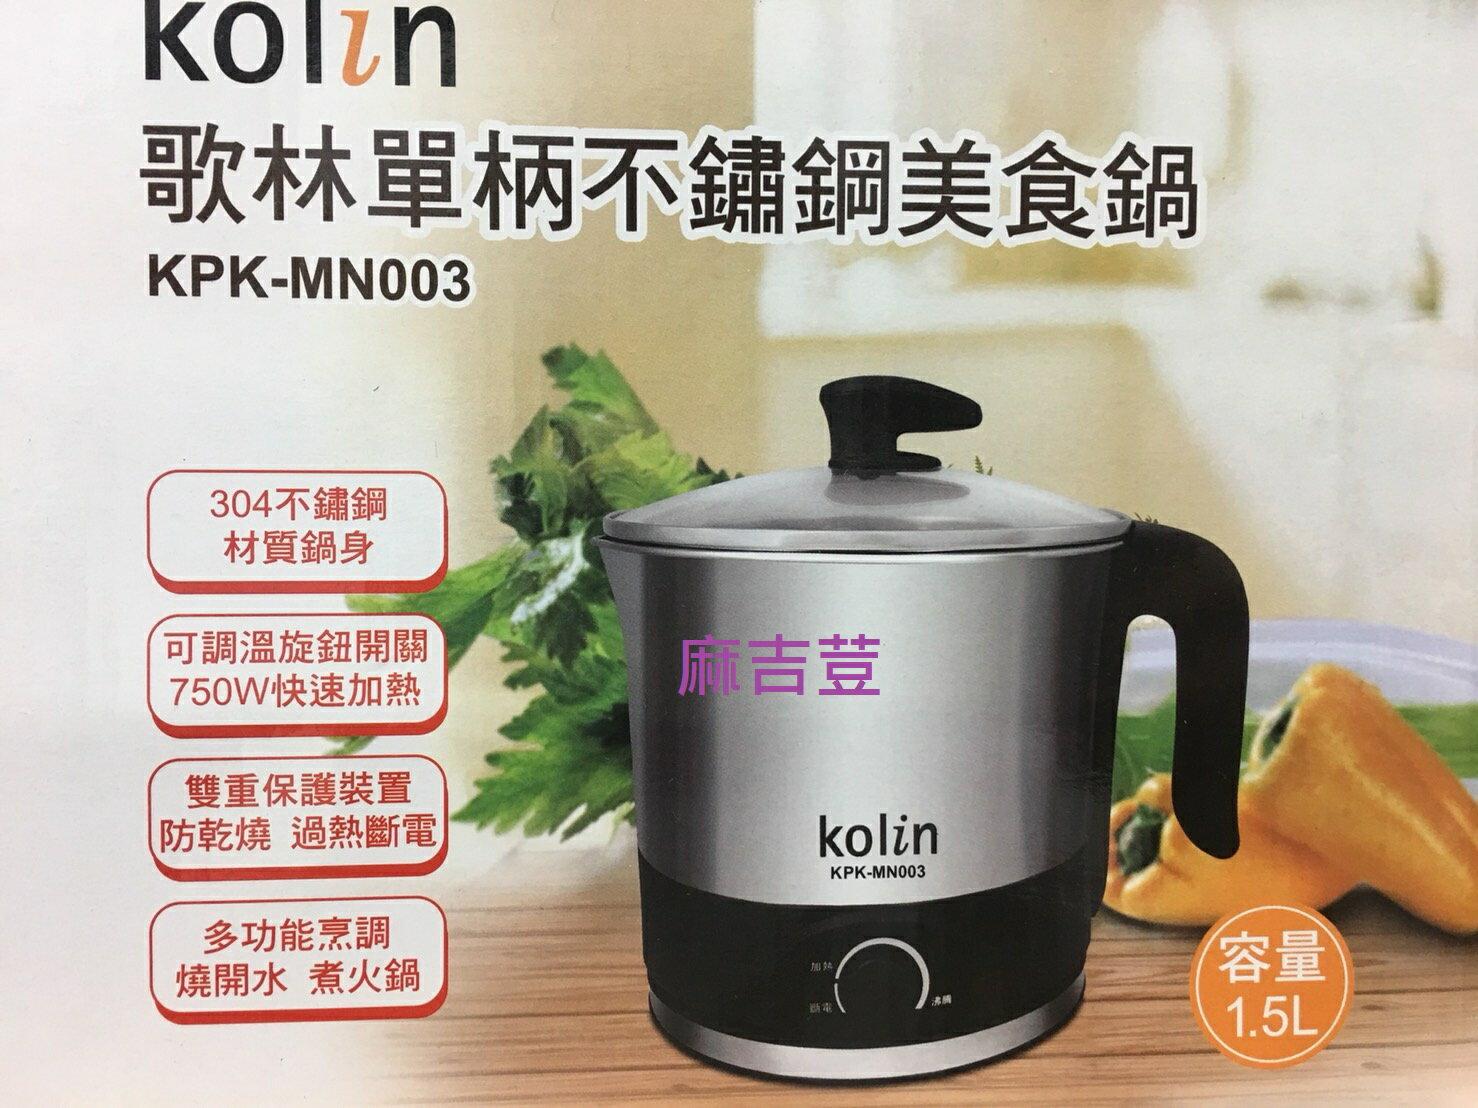 Kolin 歌林單柄304不銹鋼1.5L美食鍋/火鍋 燒開水 防乾燒 過熱保護 可調溫旋鈕 透明玻璃上蓋